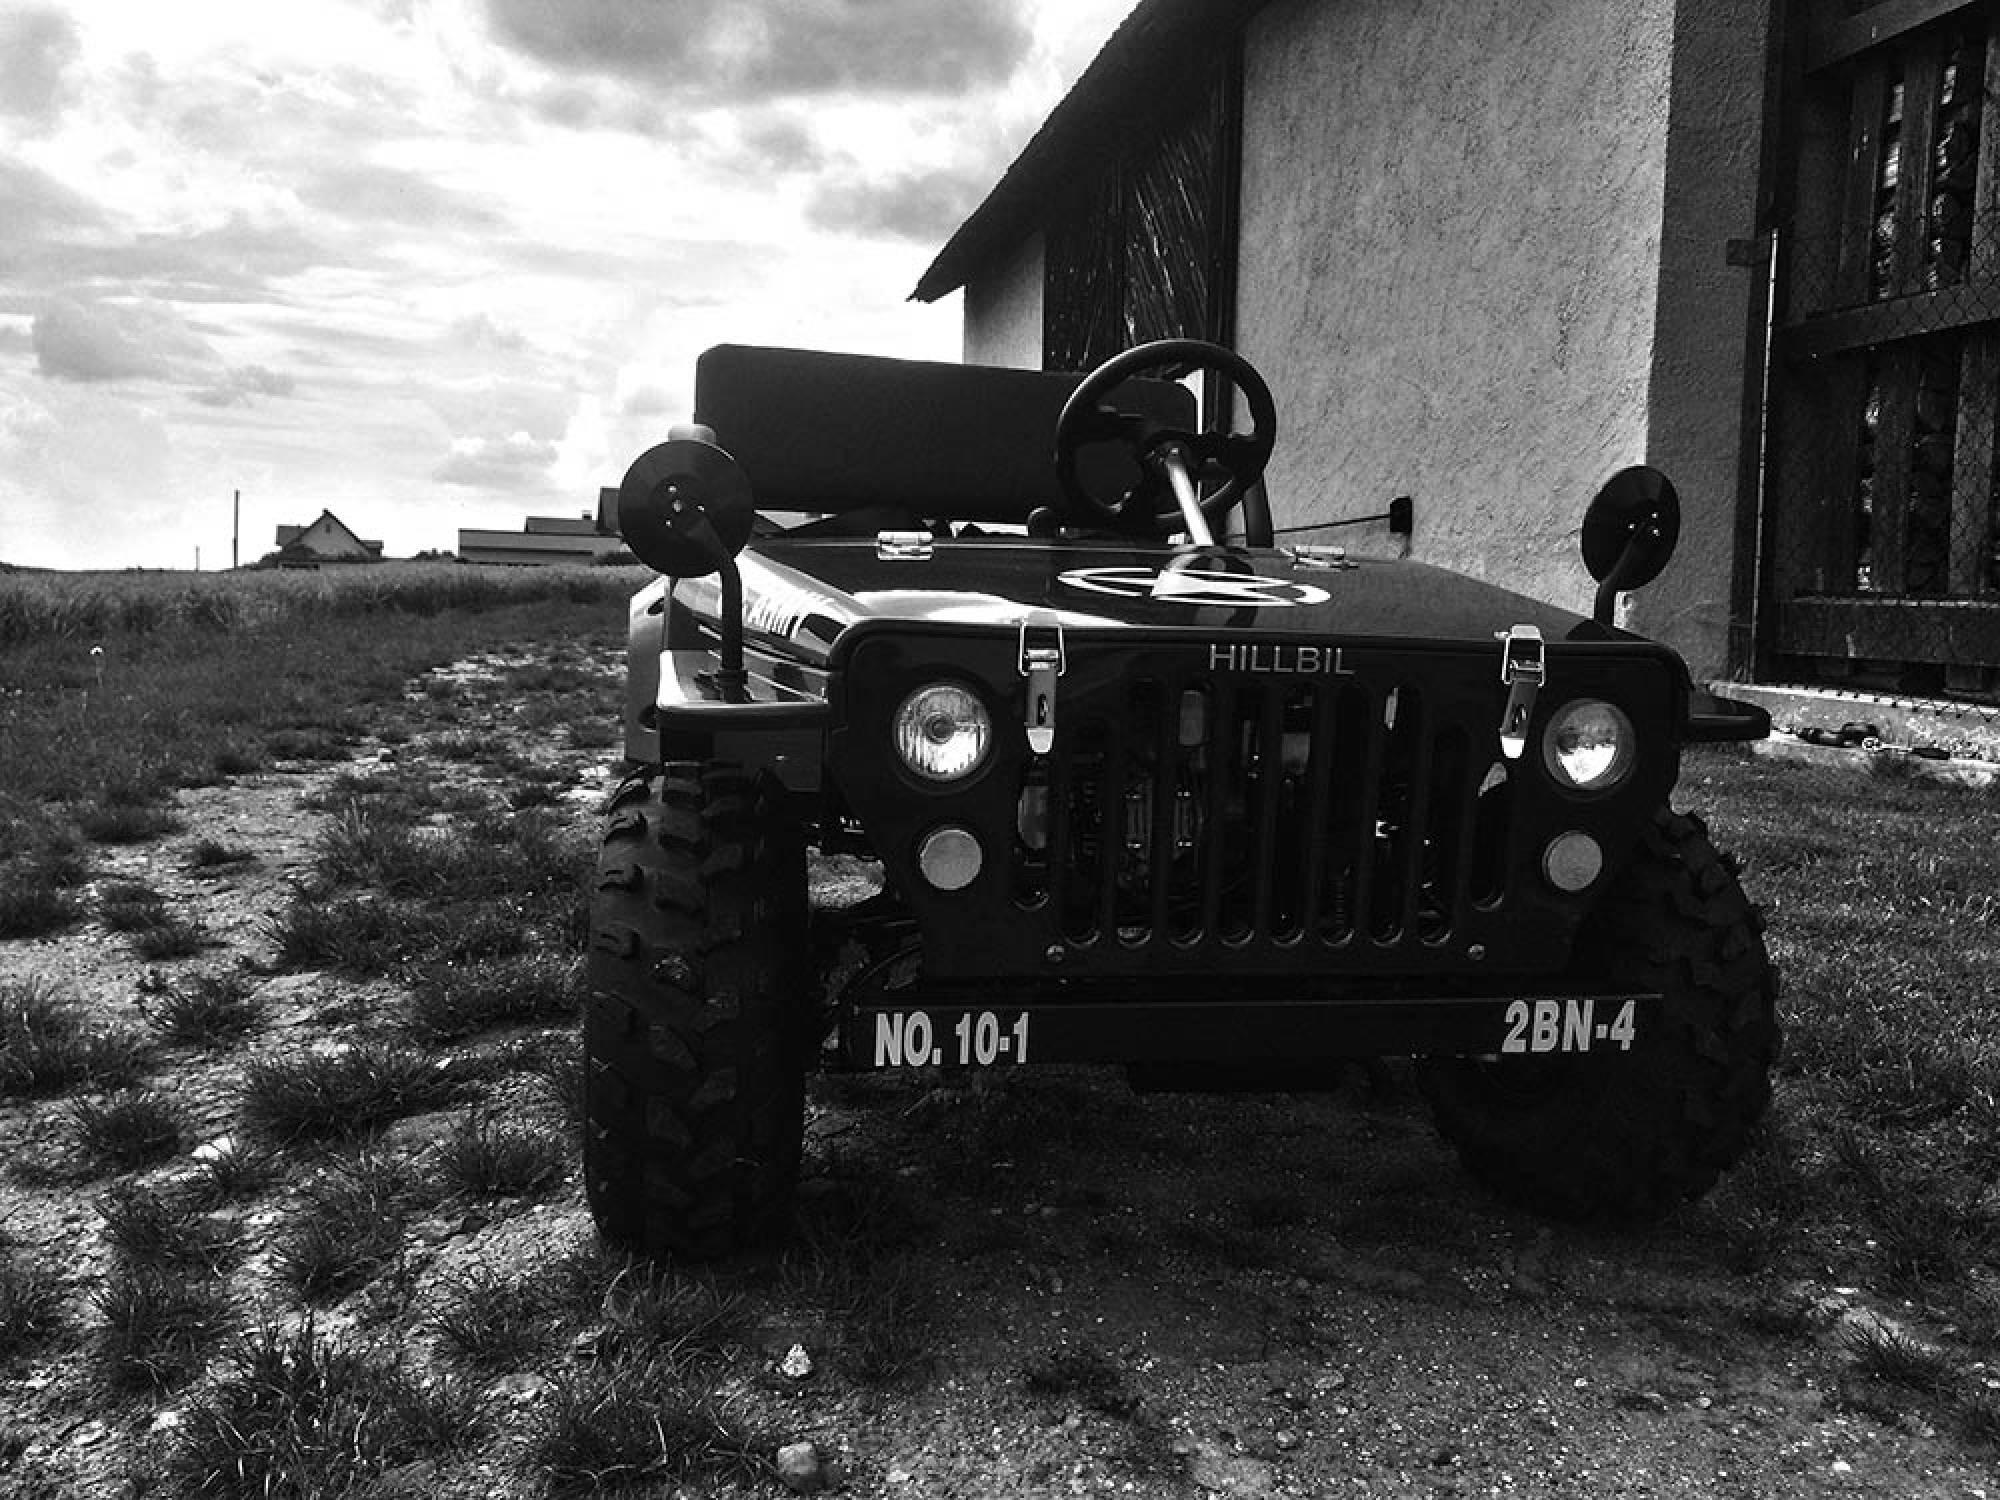 HILLBIL u s army willys mini jeep mini car for children fun